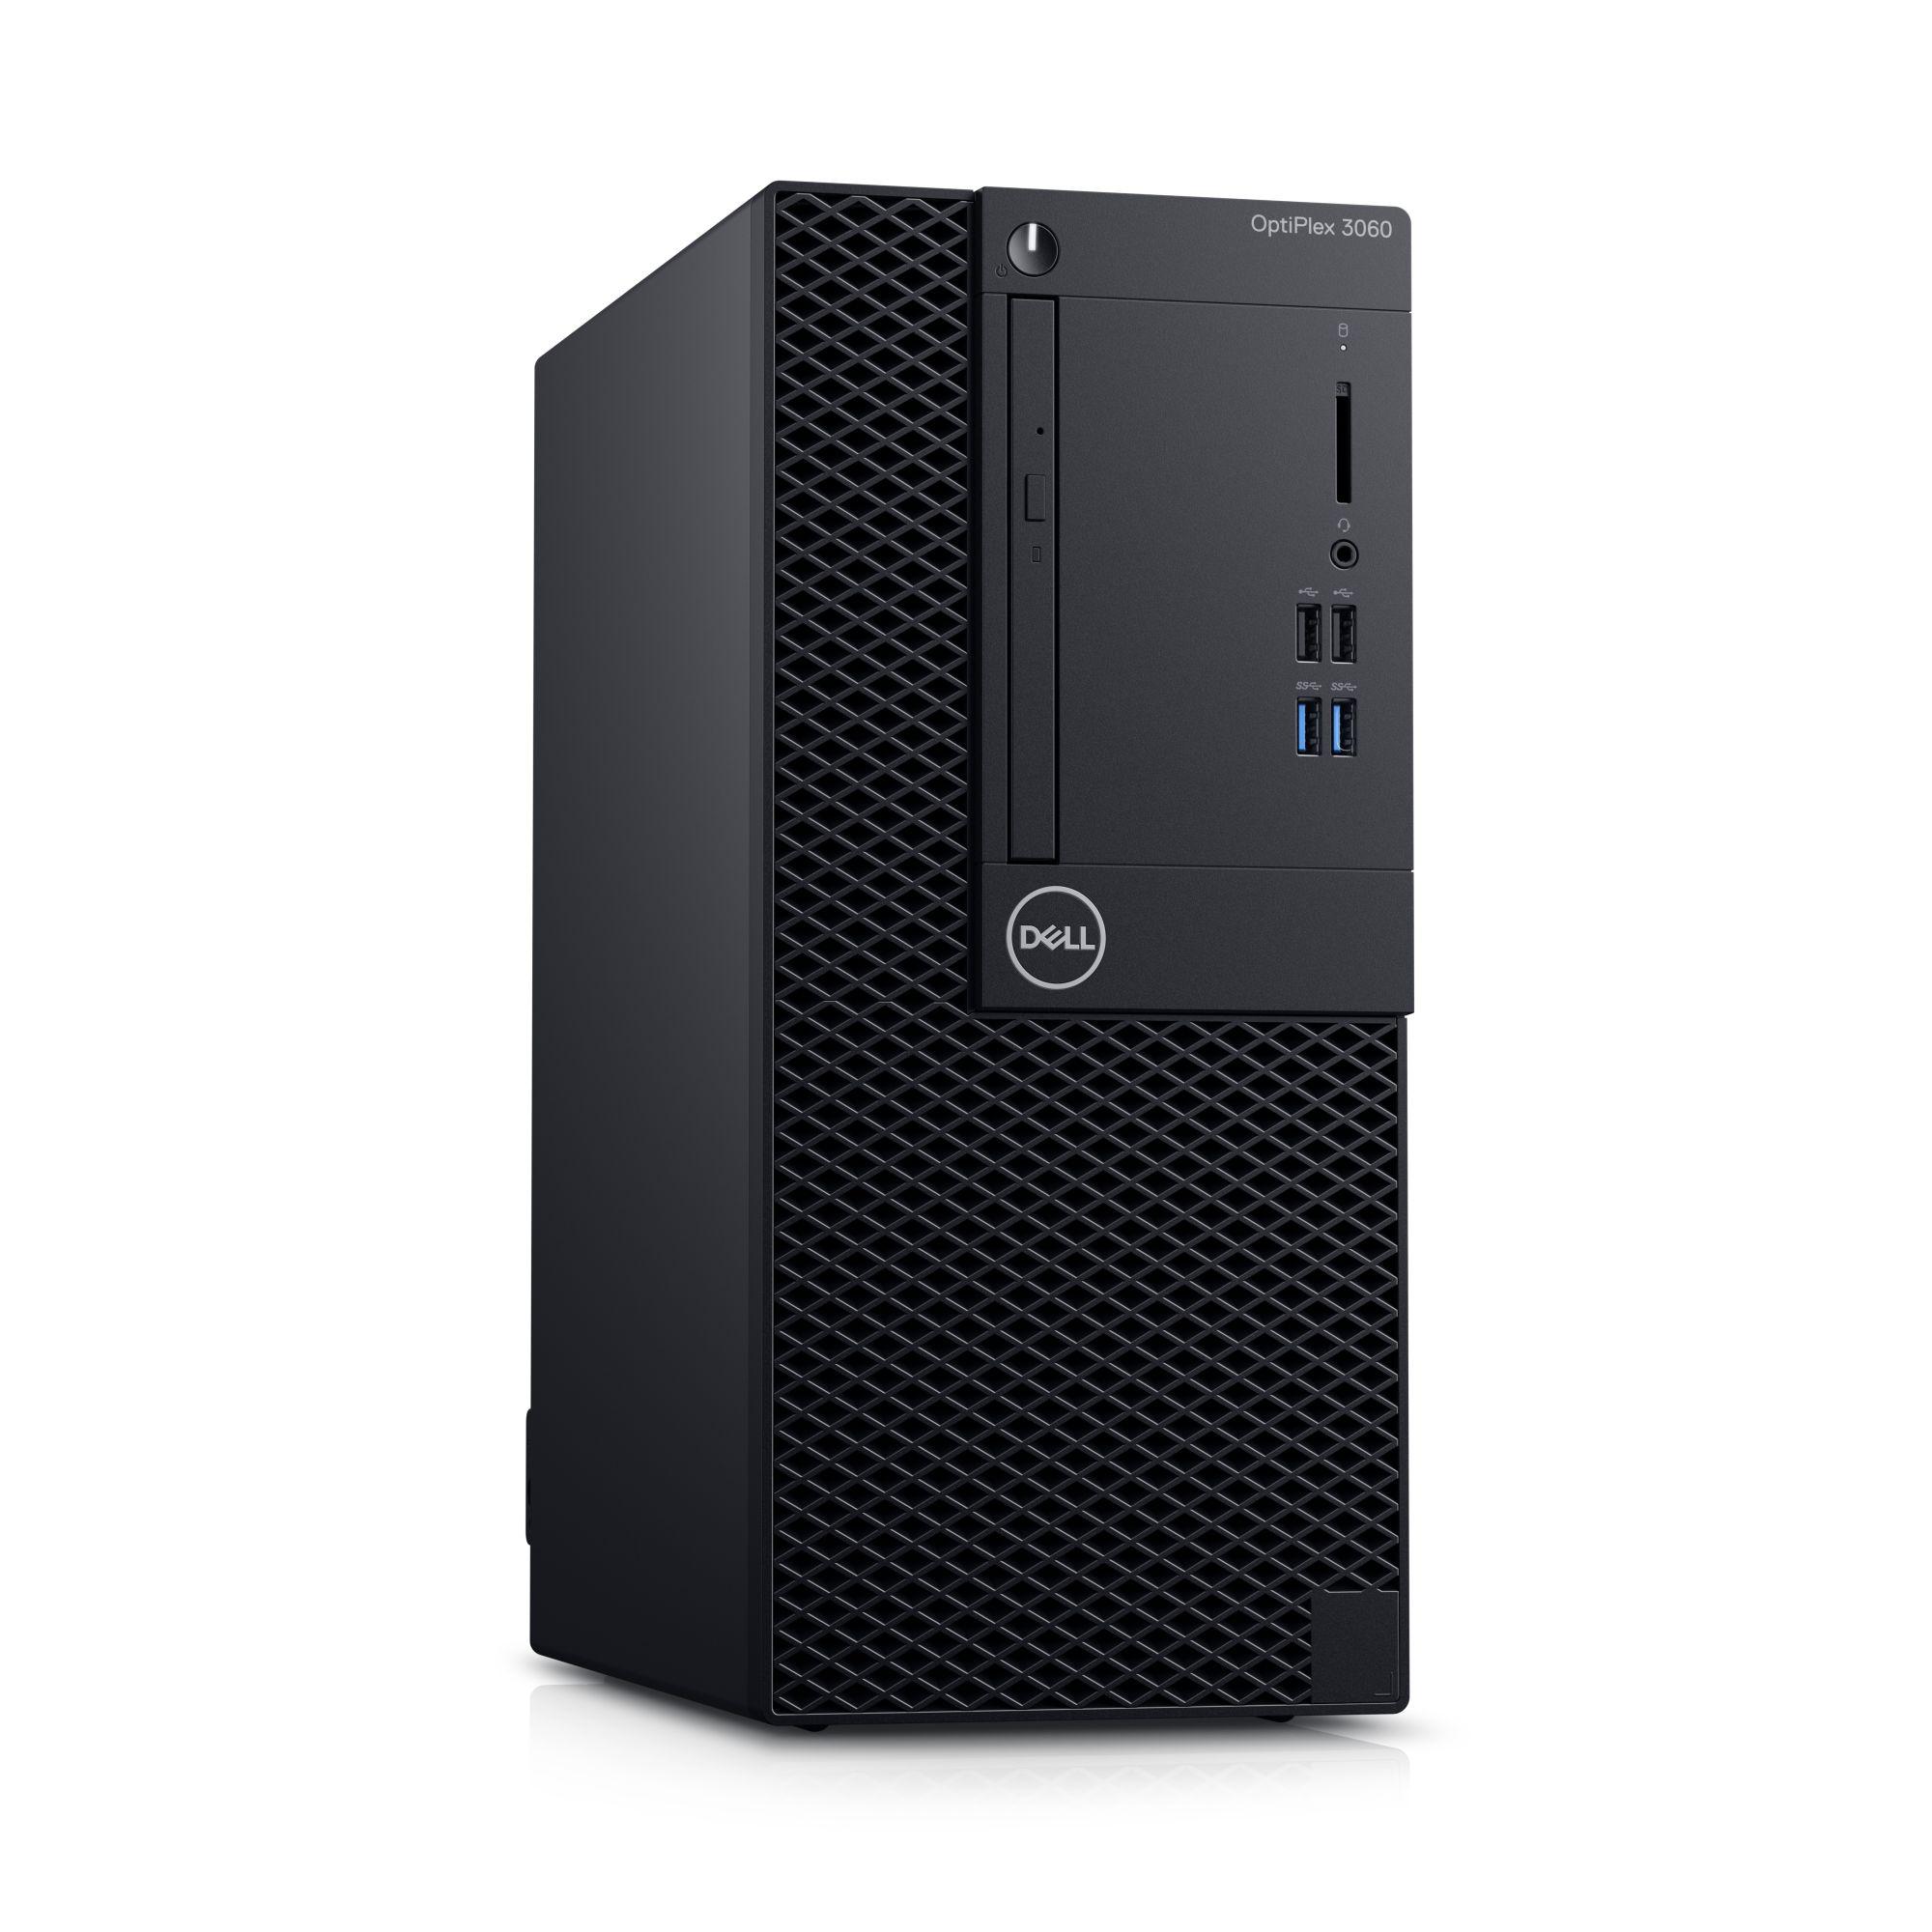 Dell PC Optiplex 3060 MT i3-8100/8GB/1TB/HDMI/DP/DVD/W10P/3RNBD